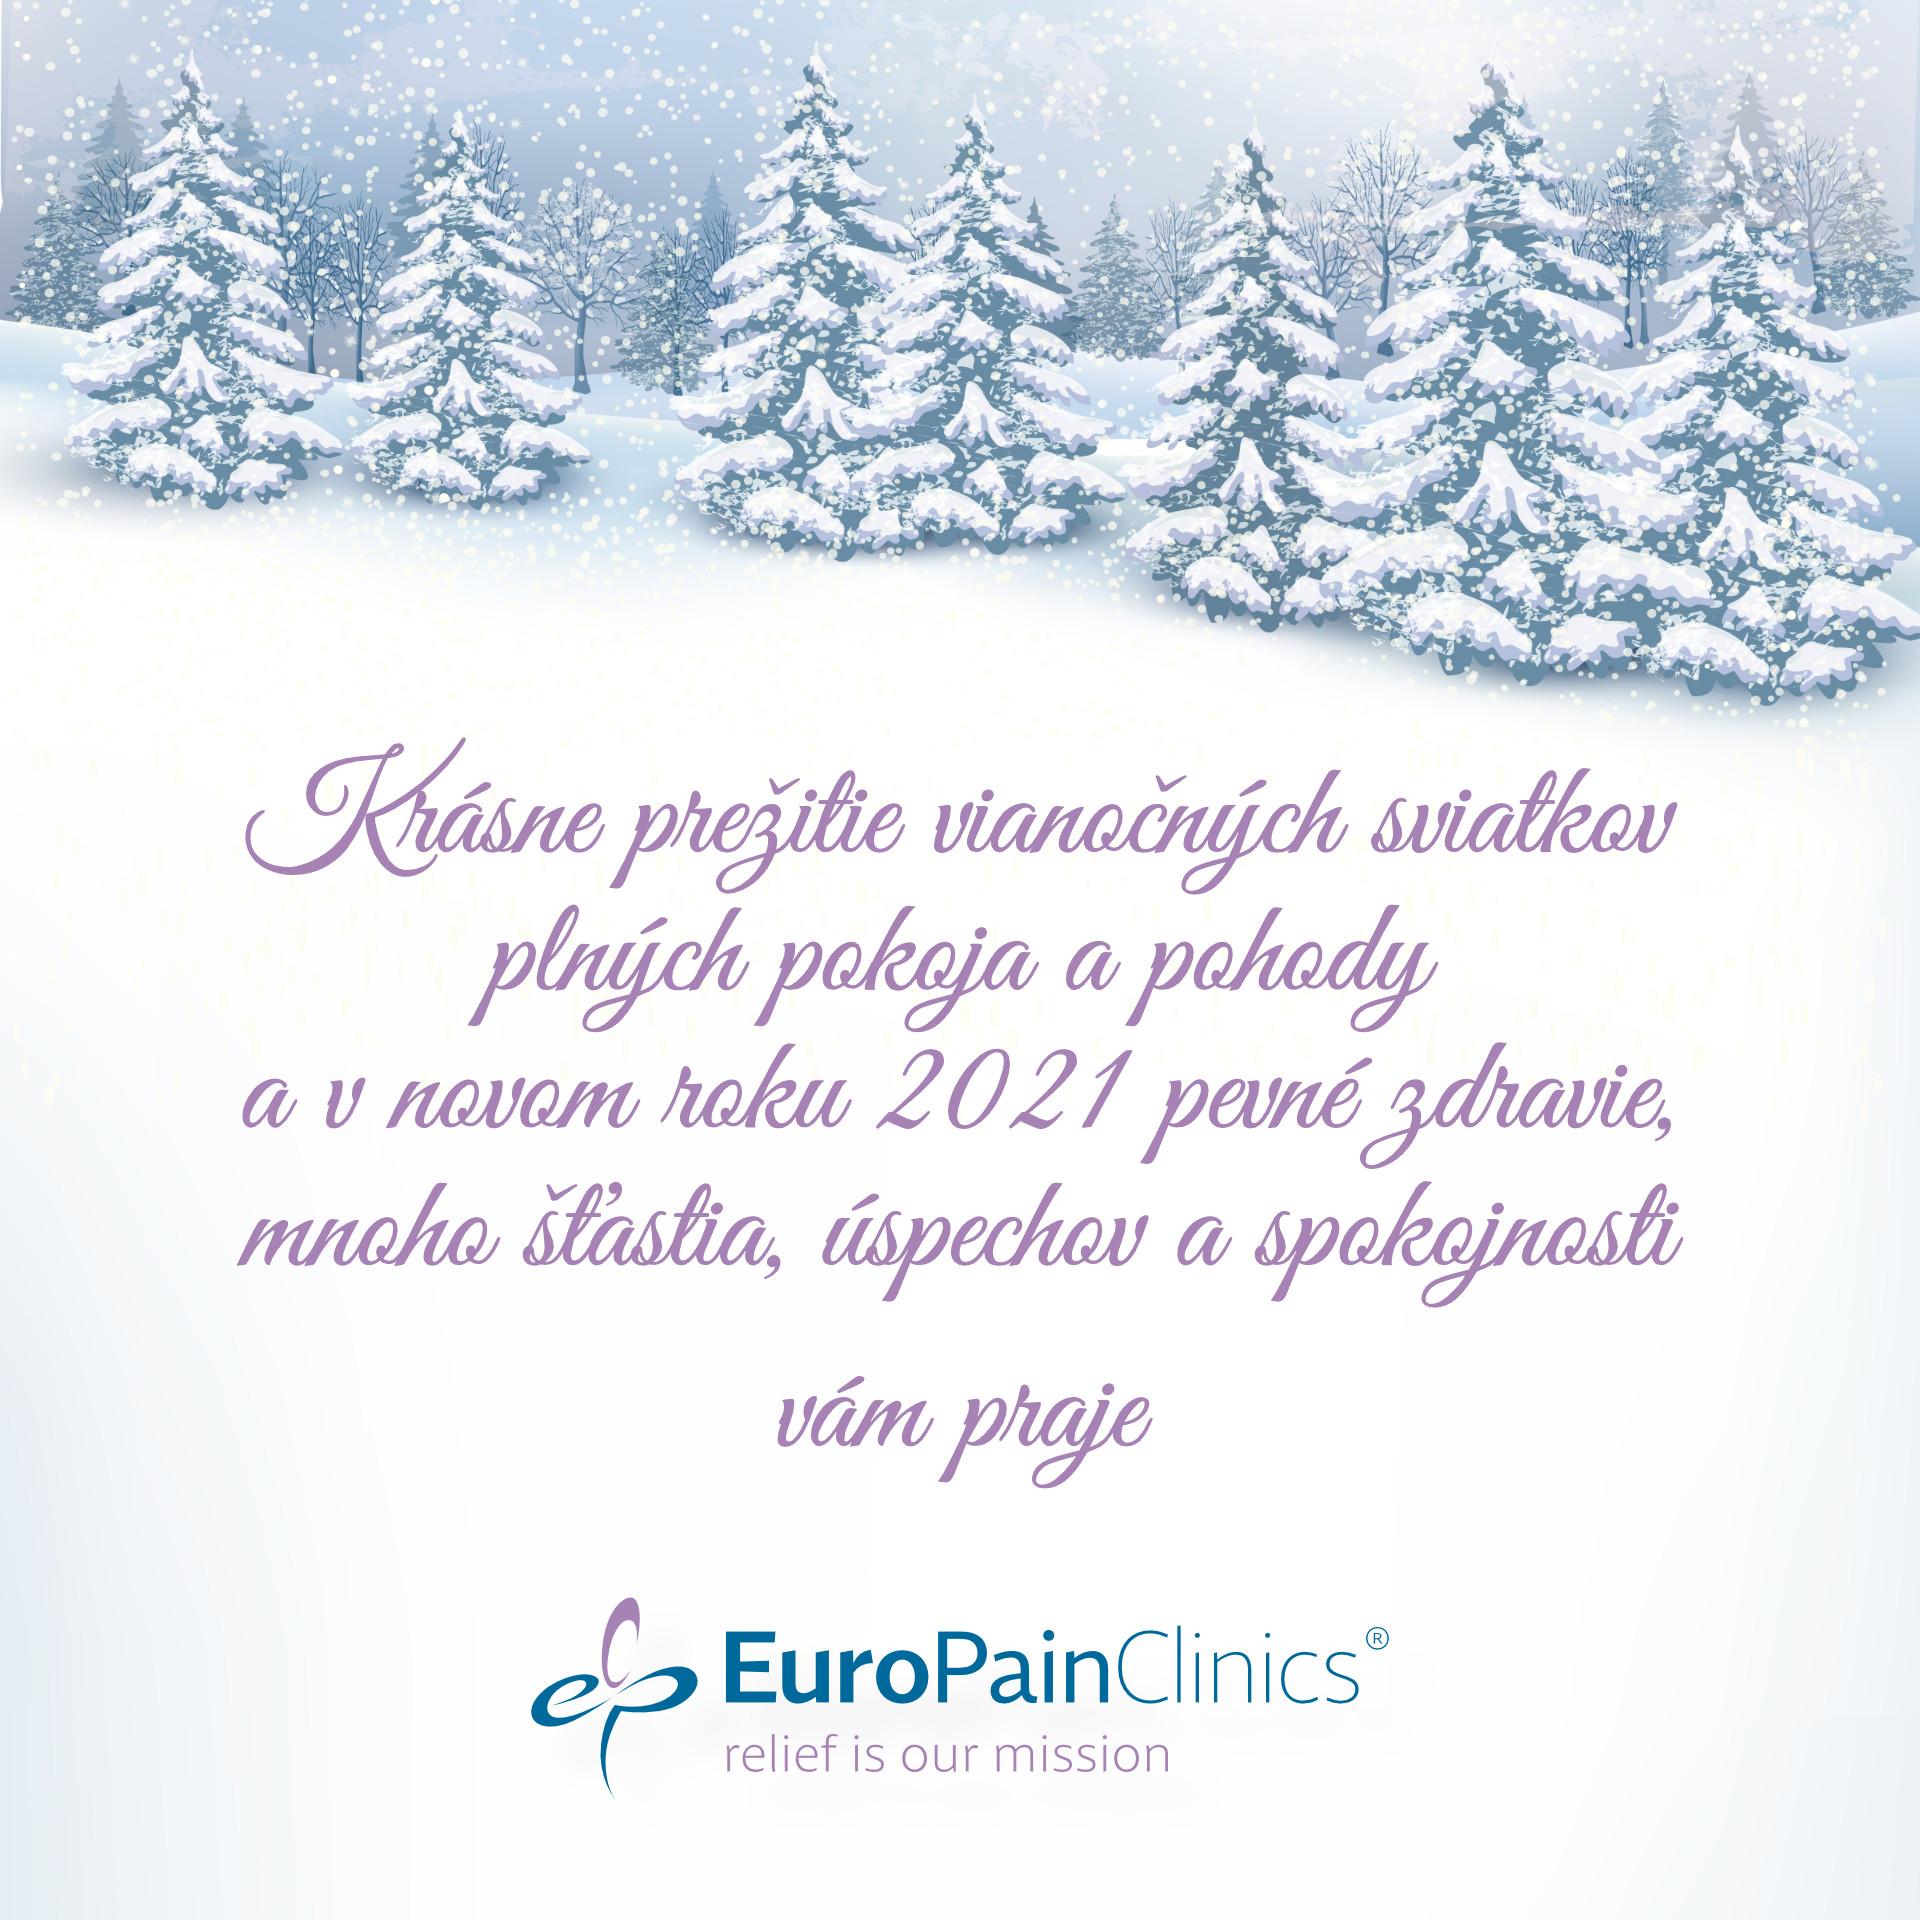 Krásne Vianoce a šťastný nový rok 2021!